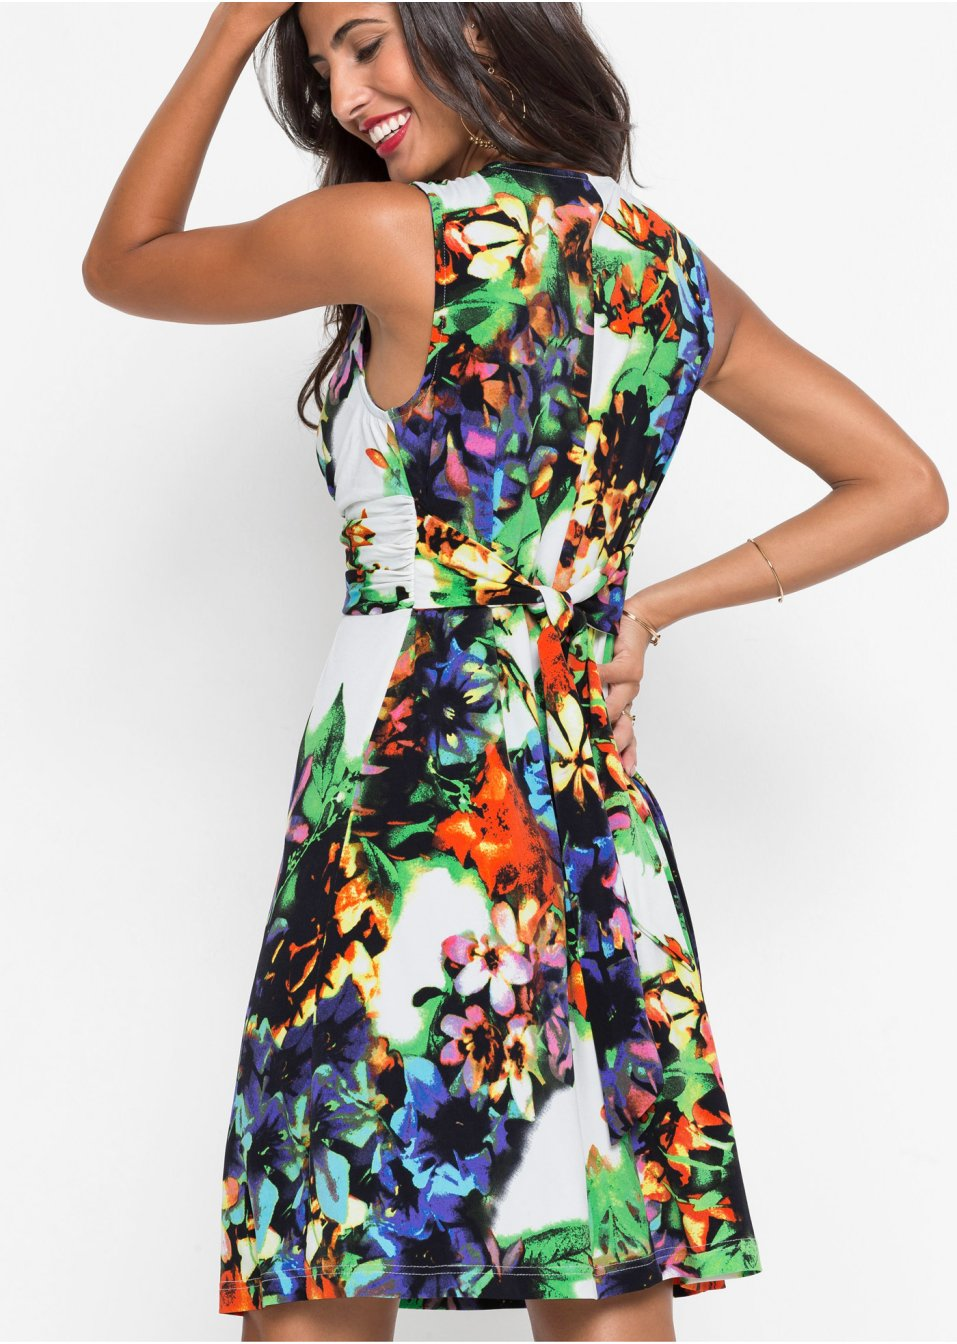 Mode Femme Vêtements DJLfdOFlkj Robe séduisante à imprimé floral et décolleté plongeant bleu/blanc à fleurs